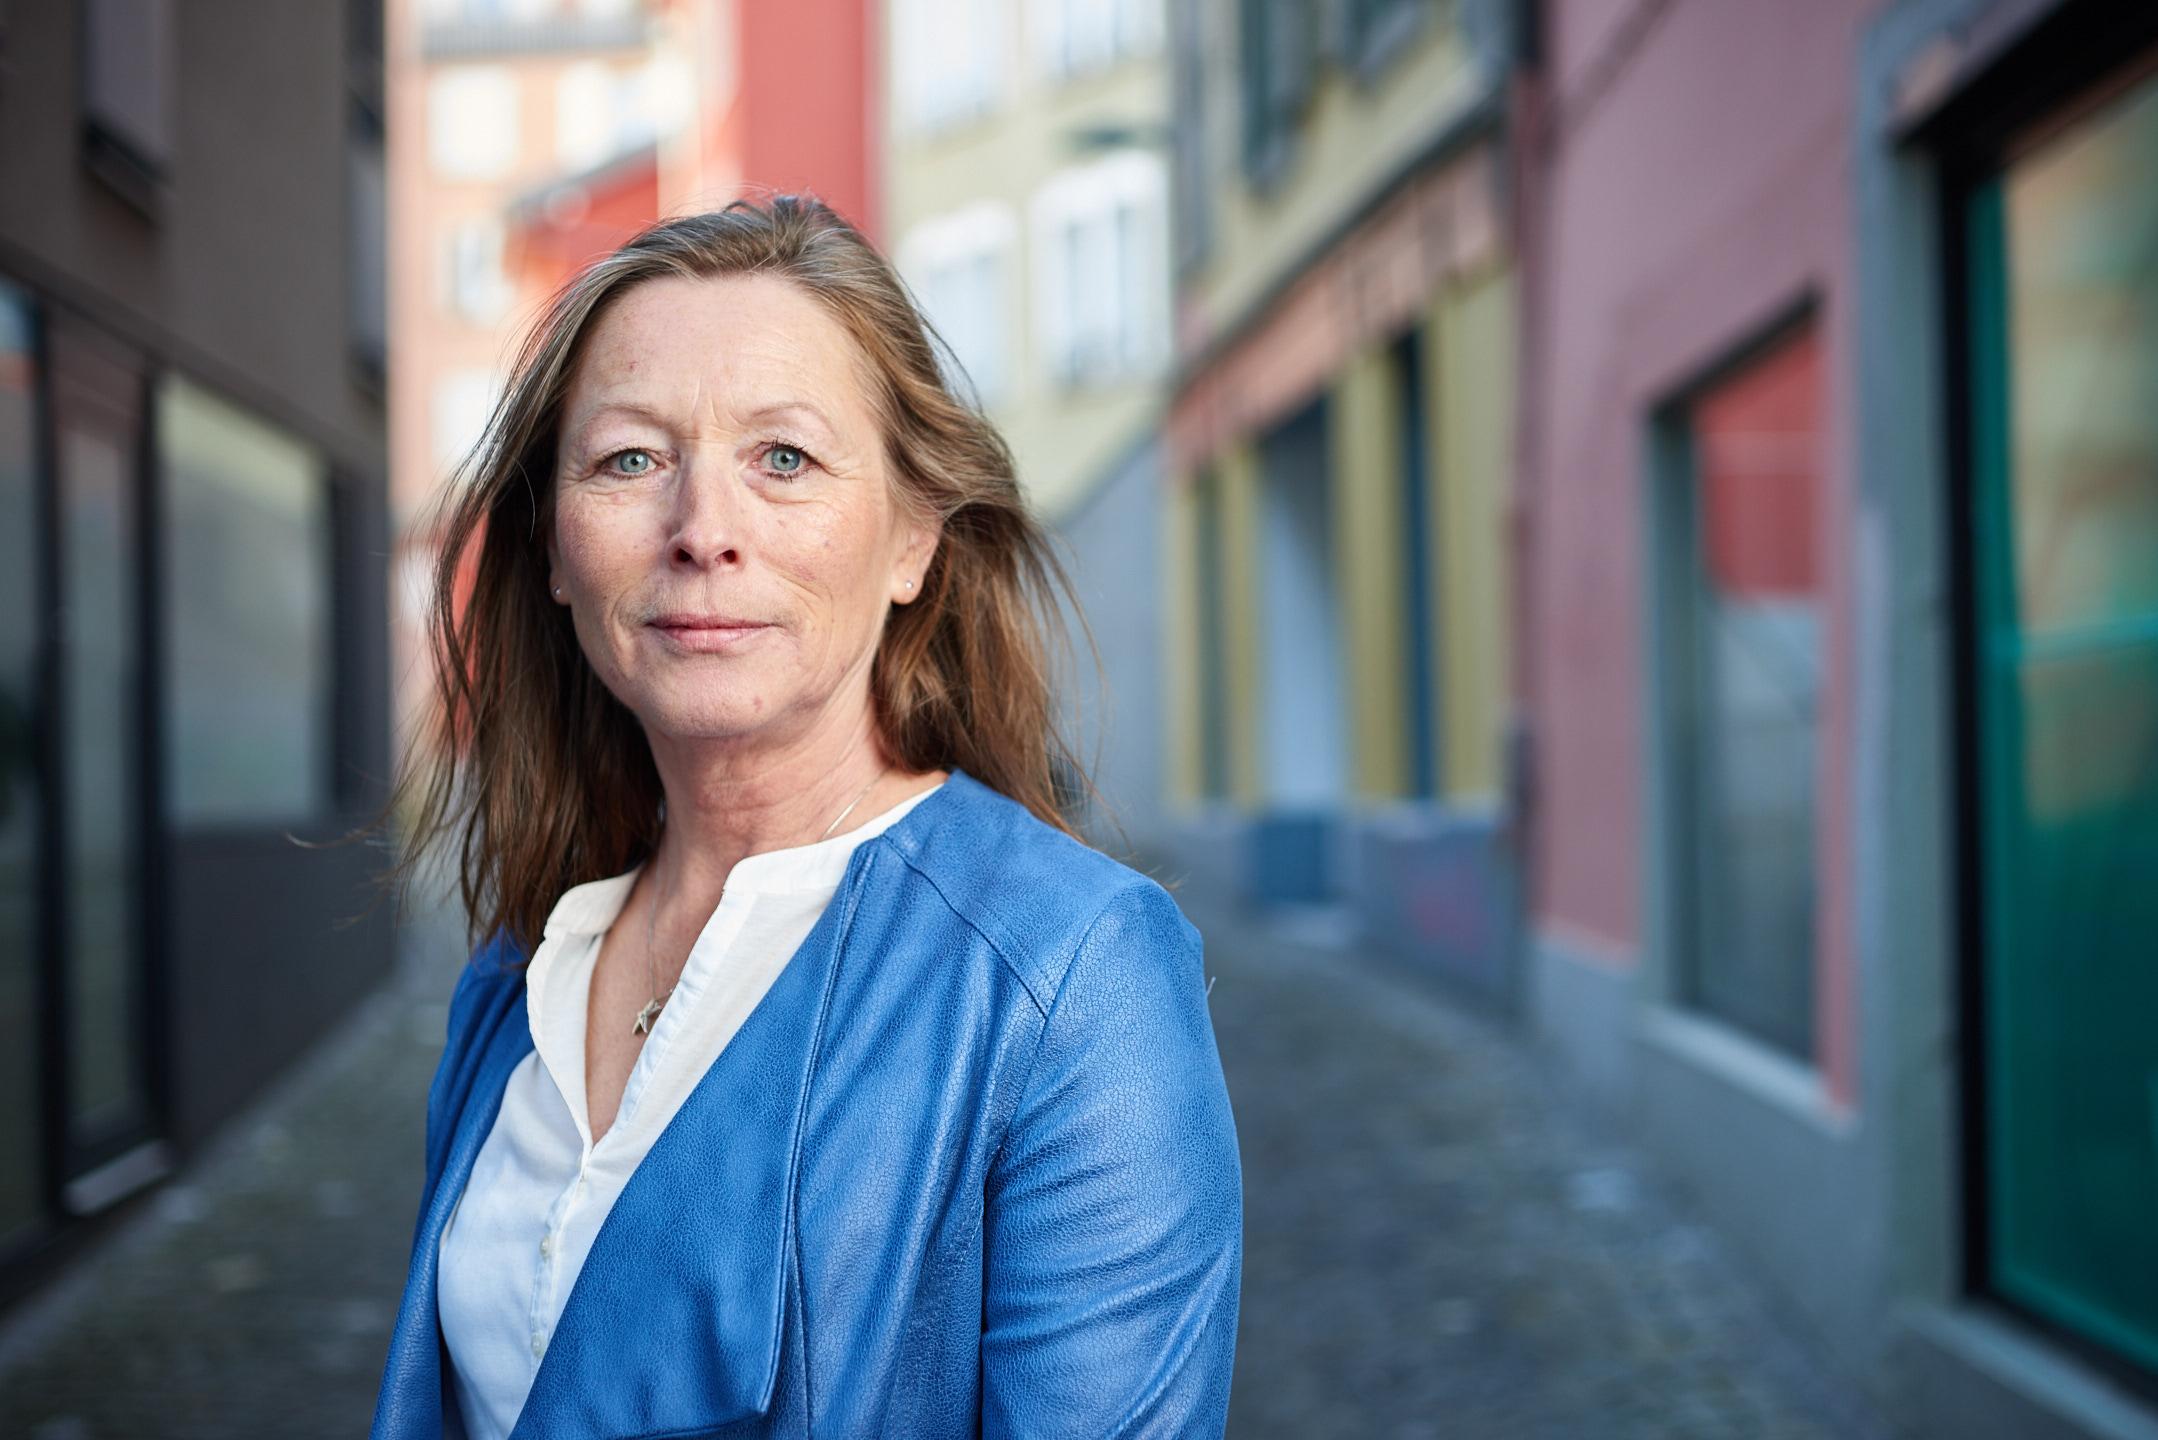 Photographe de portrait à Lausanne